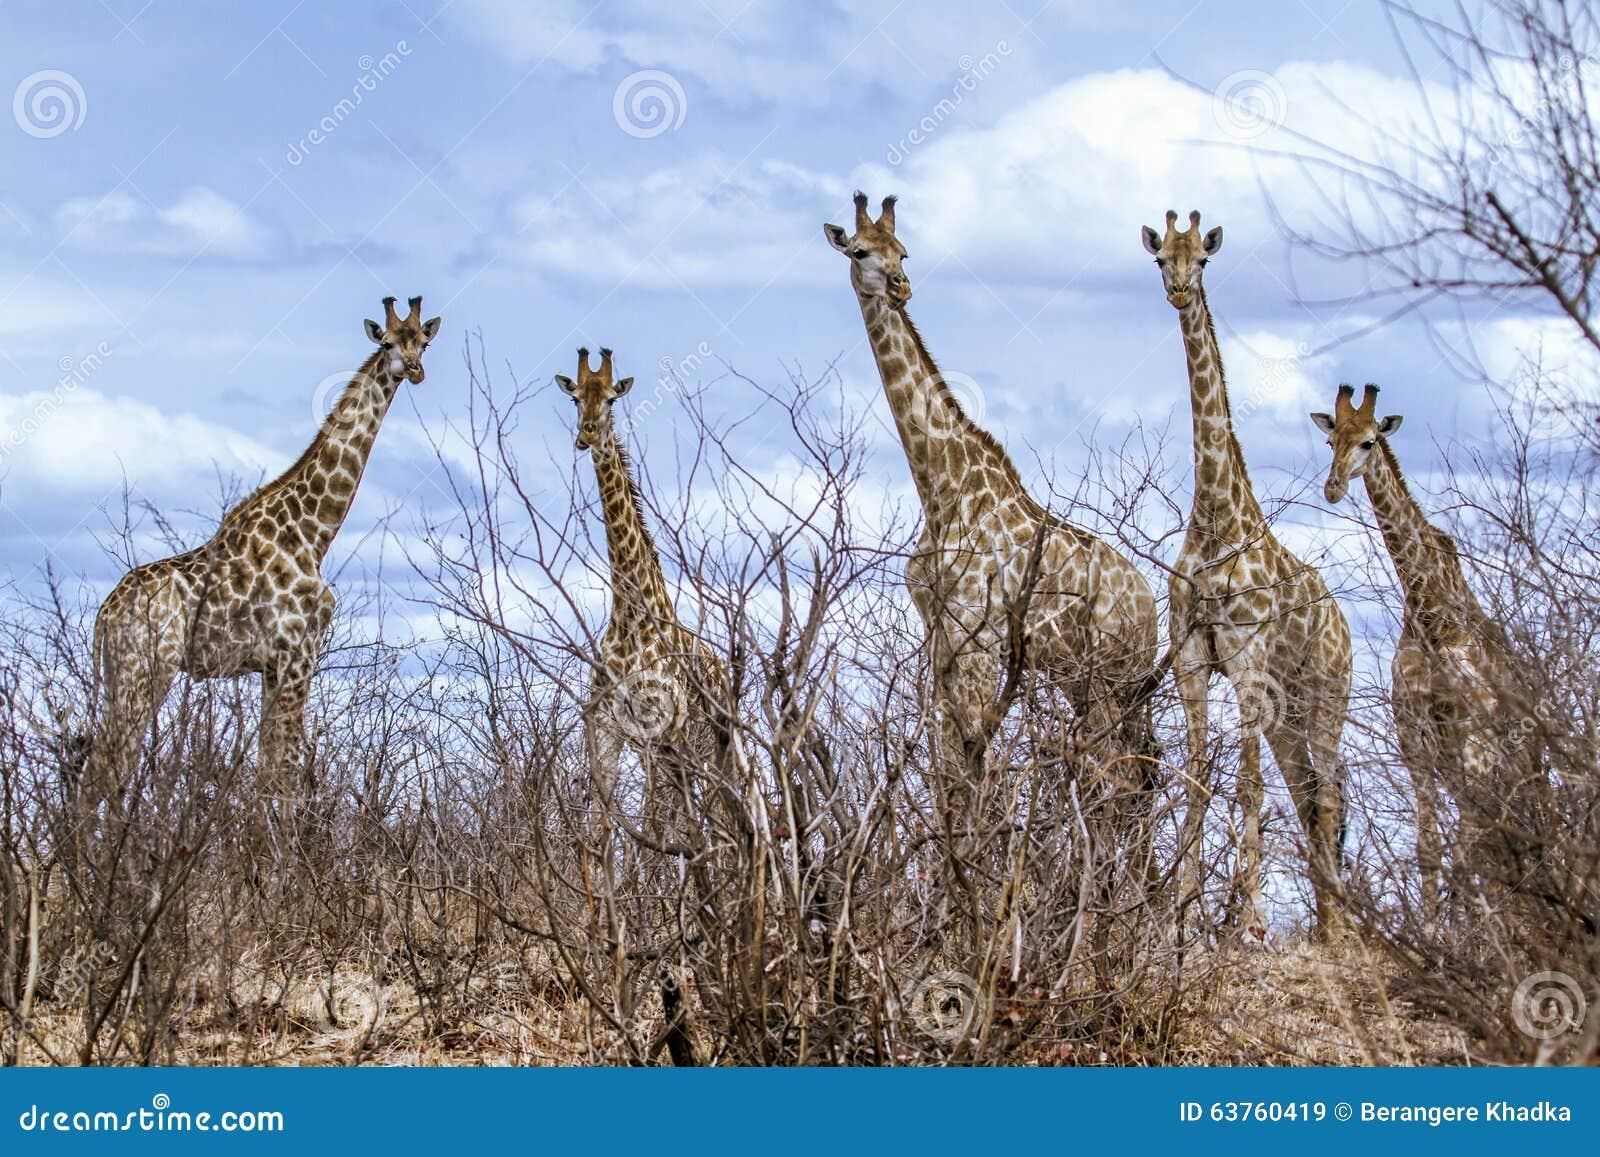 Gruppe Giraffen in Nationalpark Kruger, in der Straße, Südafrika